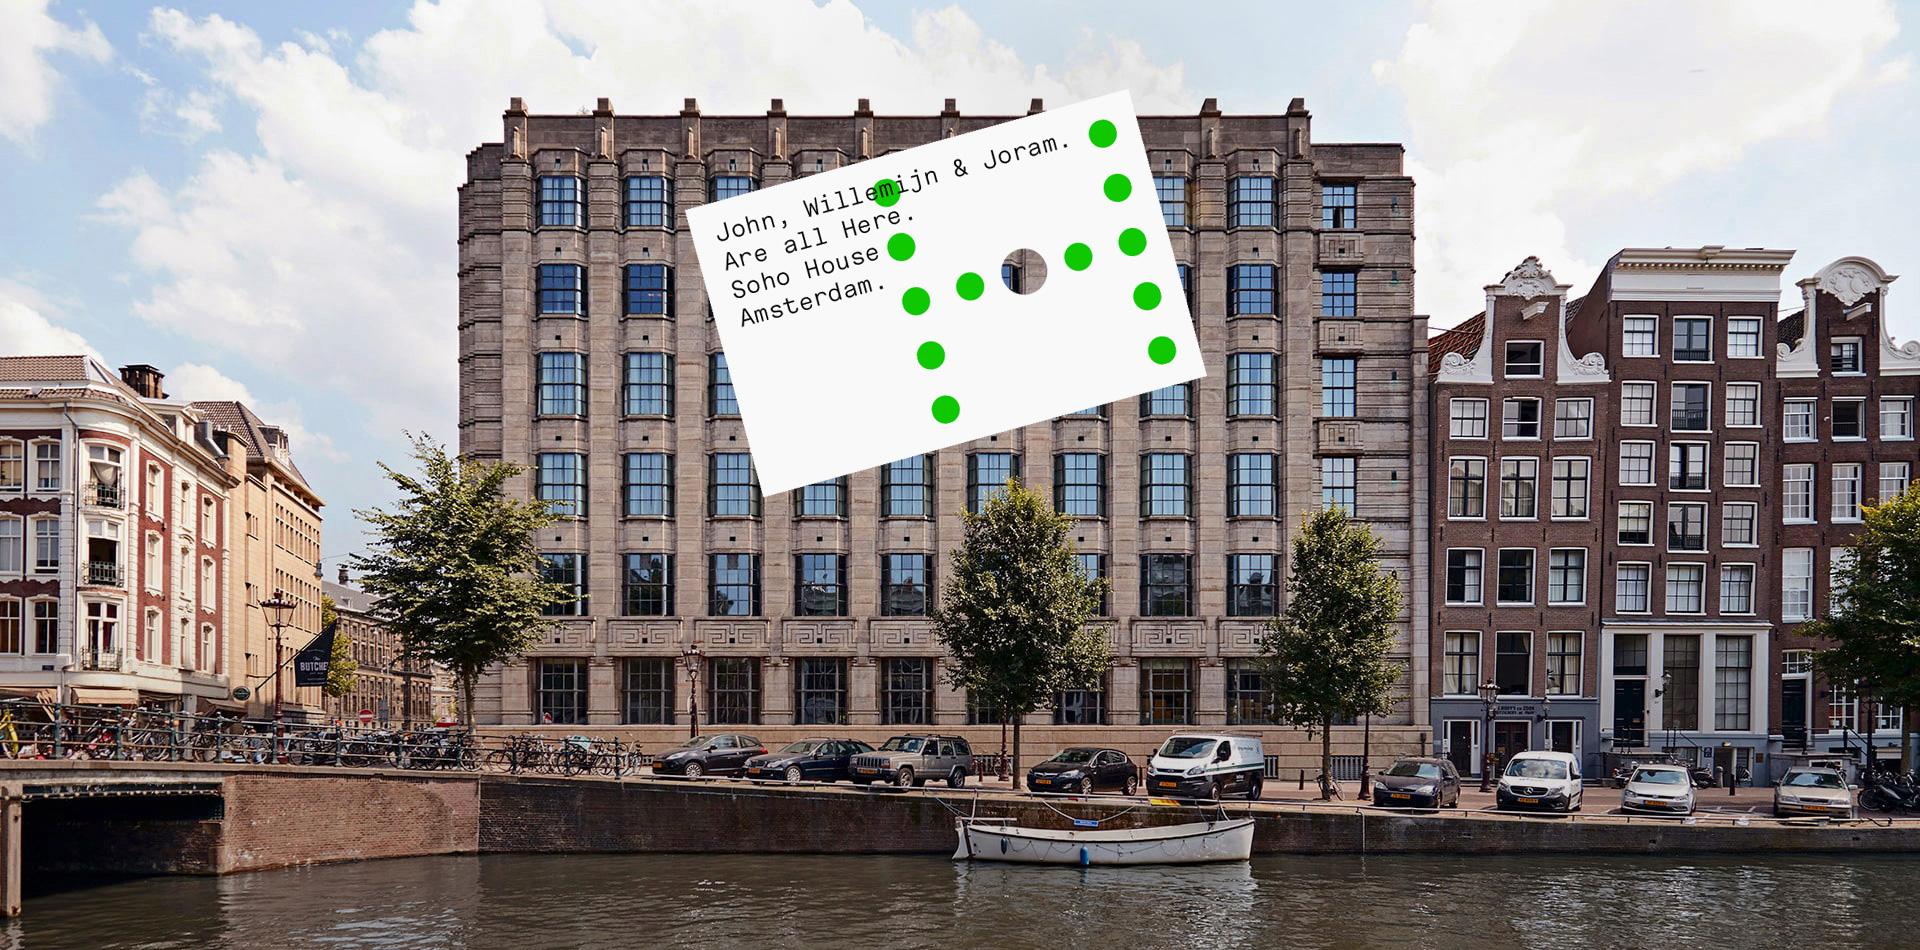 SoHo Amsterdam